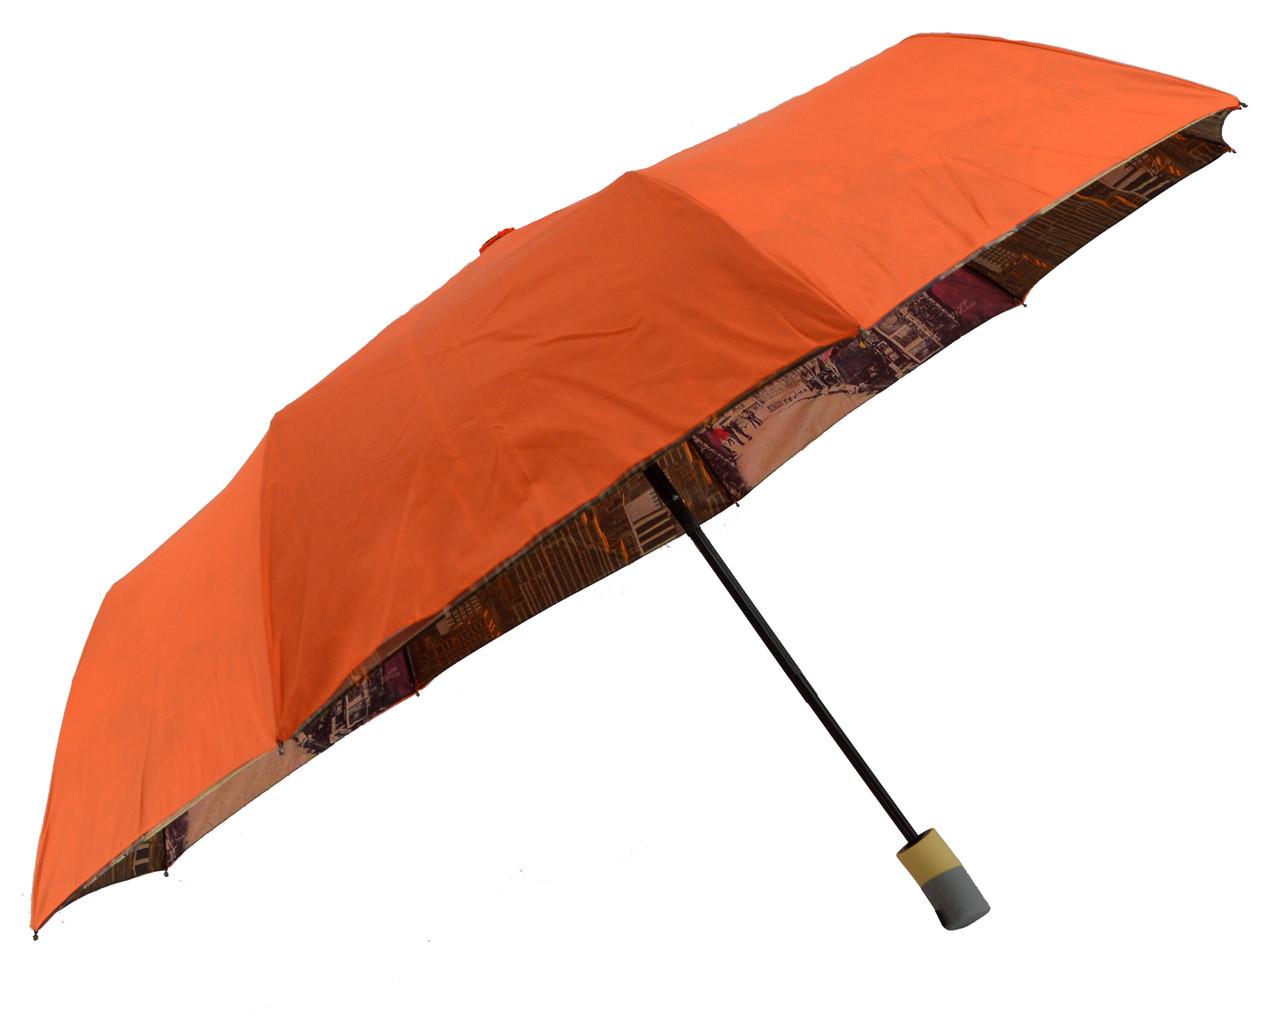 Зонт складной Mario umbrellas полуавтомат Оранжевый (MR-1001-4)